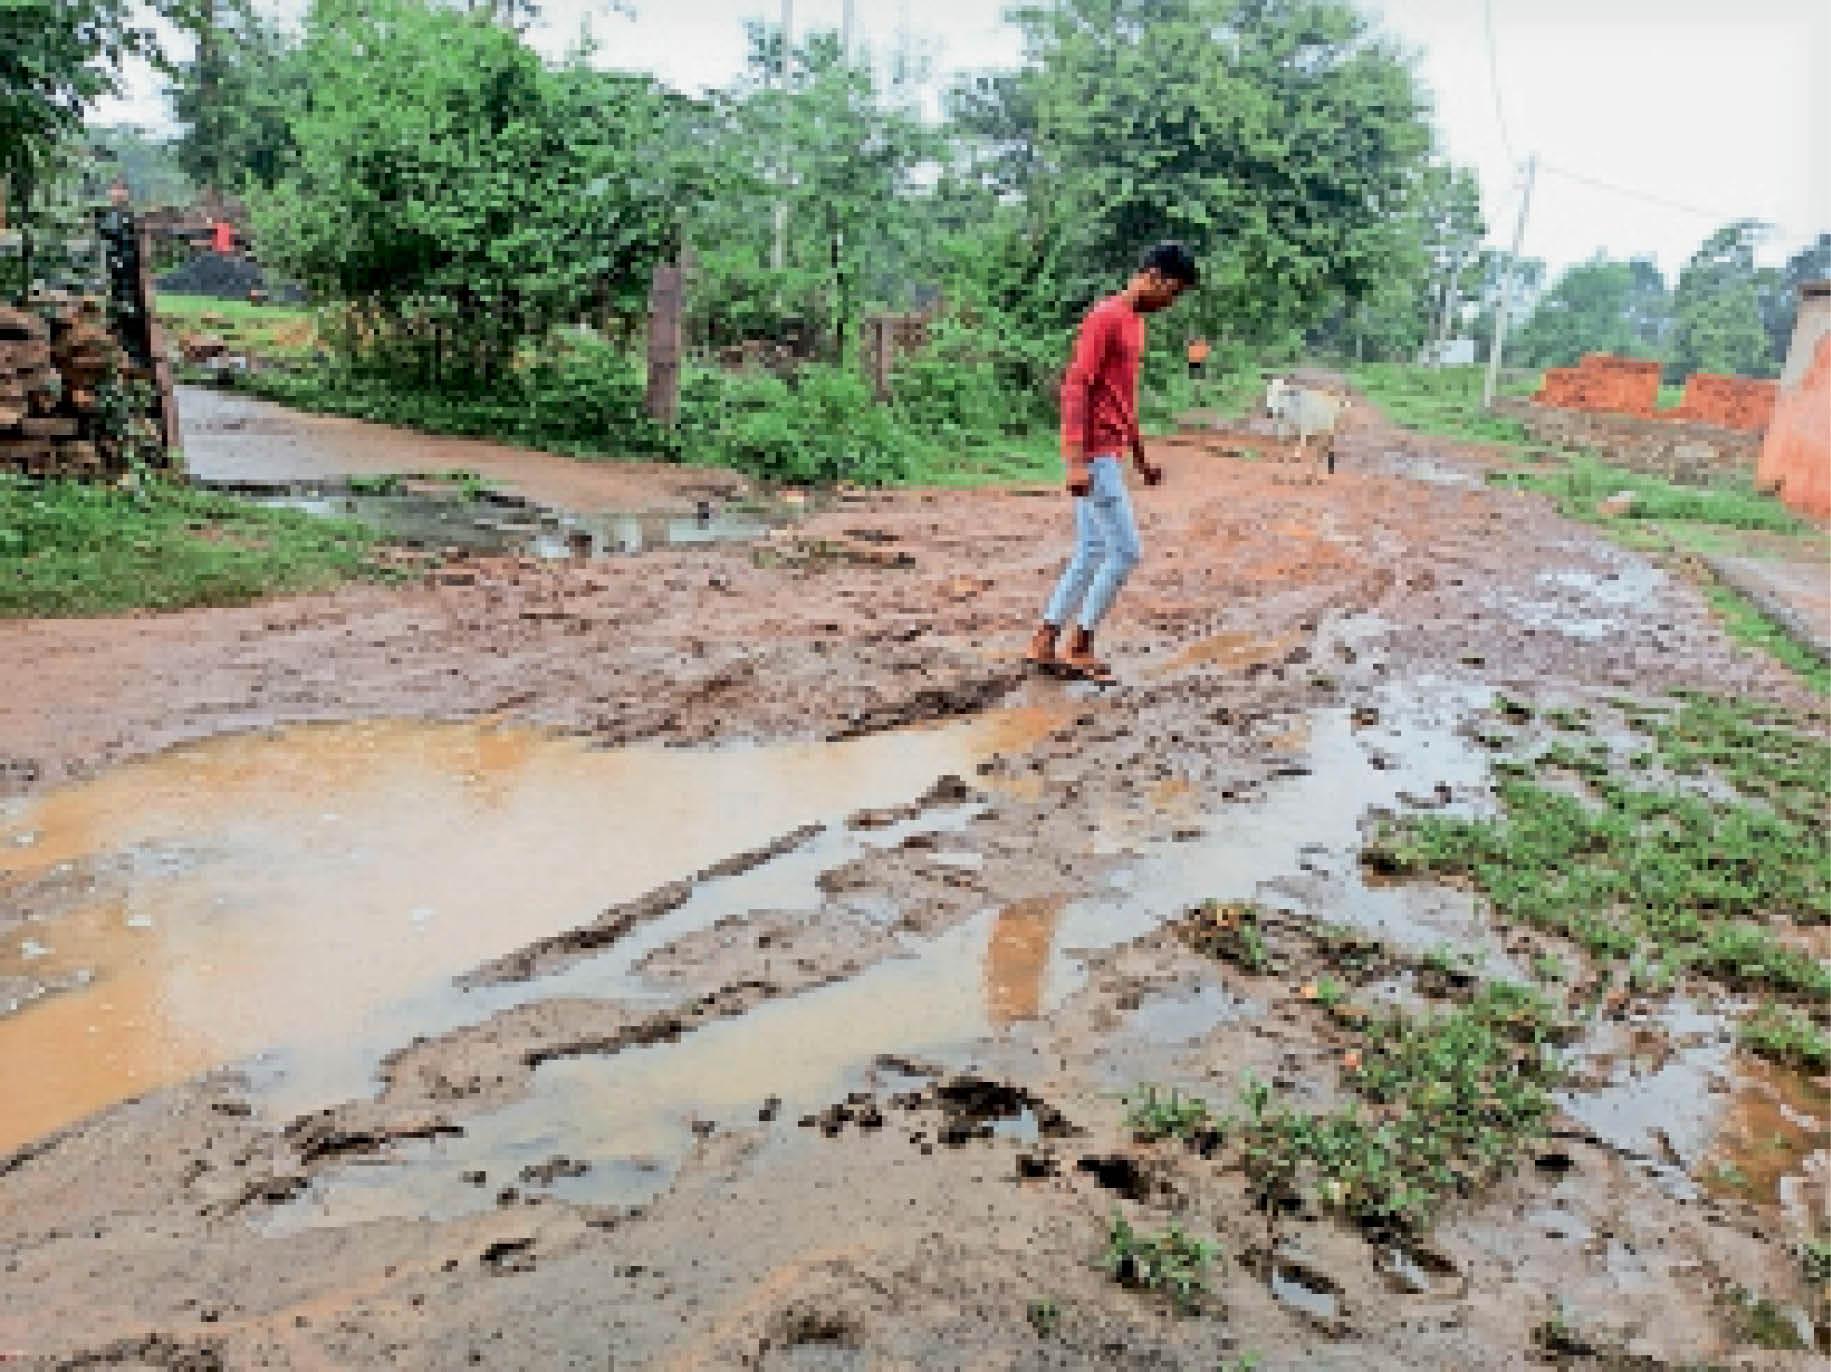 पथरिया  बारिश होते ही मार्ग कीचड़ में तब्दील हो जाते हैं। - Dainik Bhaskar